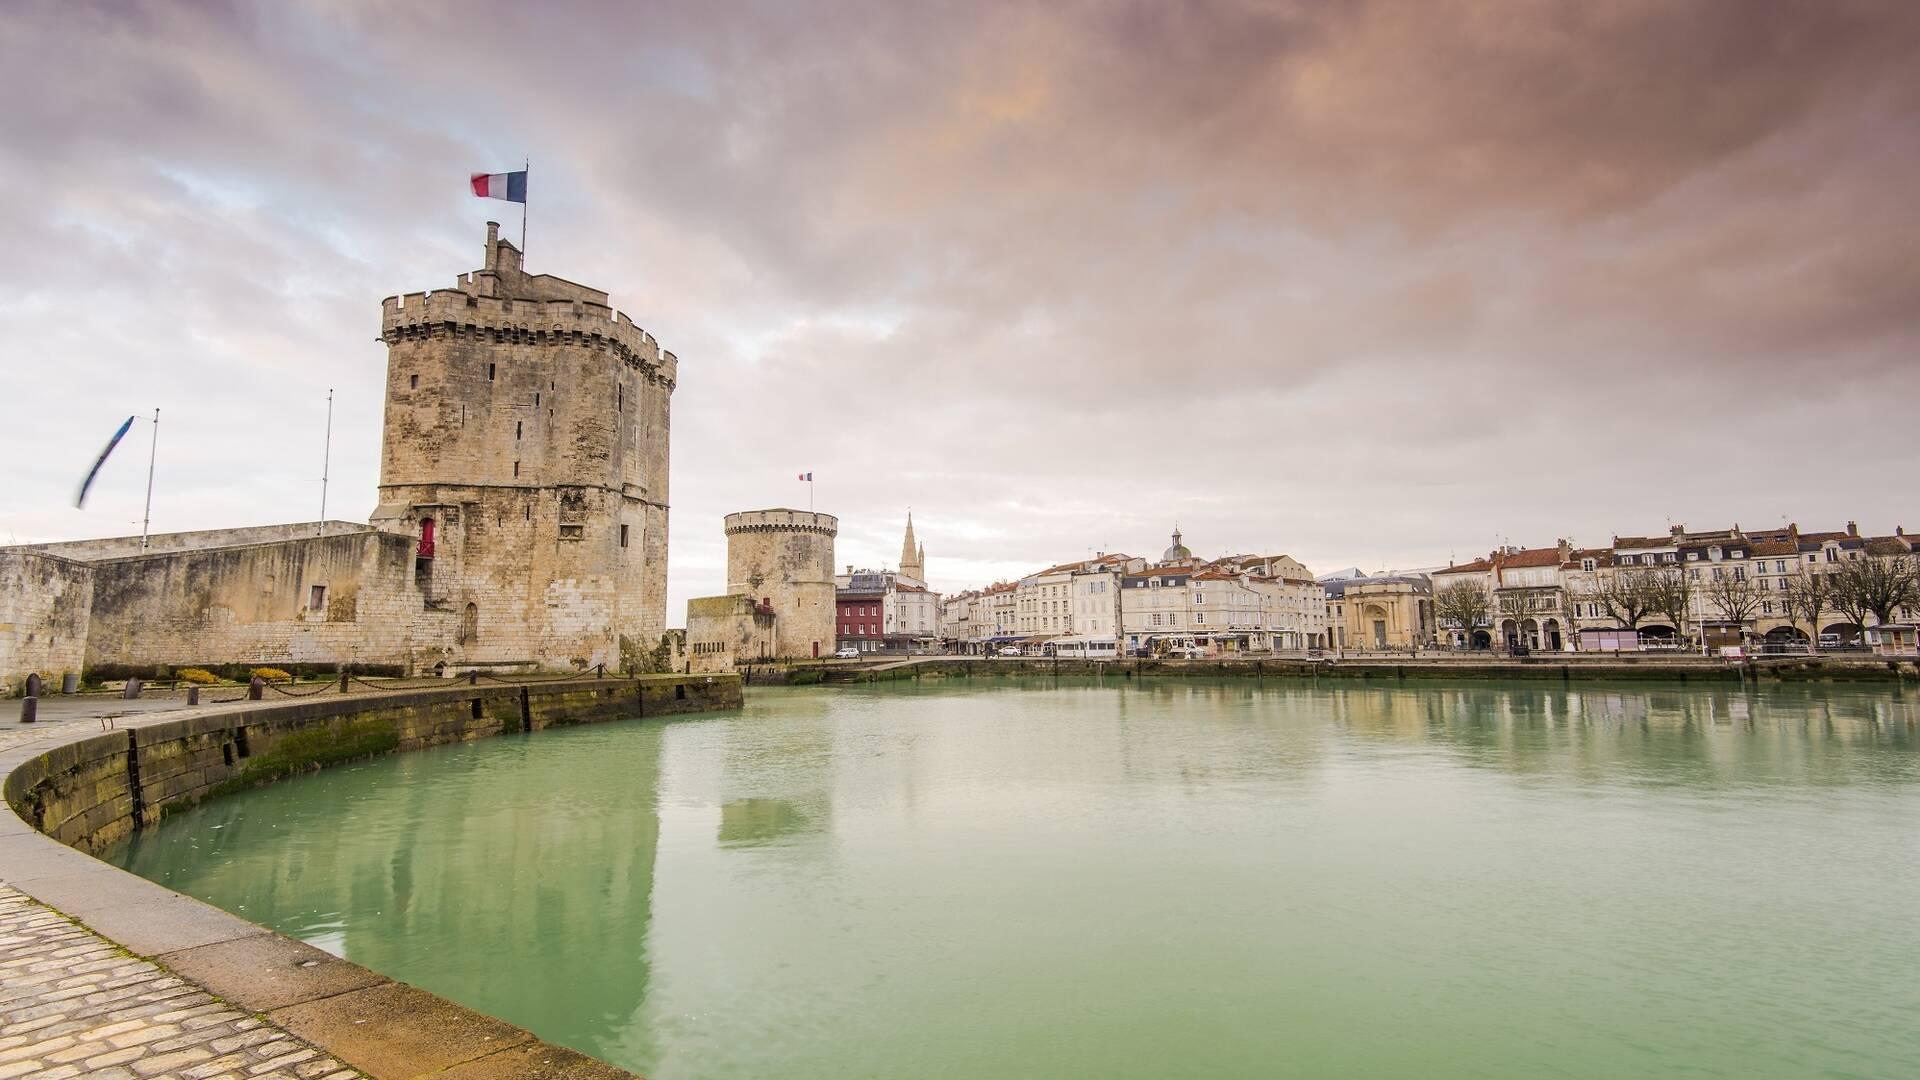 Vue du Vieux-Port de La Rochelle - ©Shutterstock